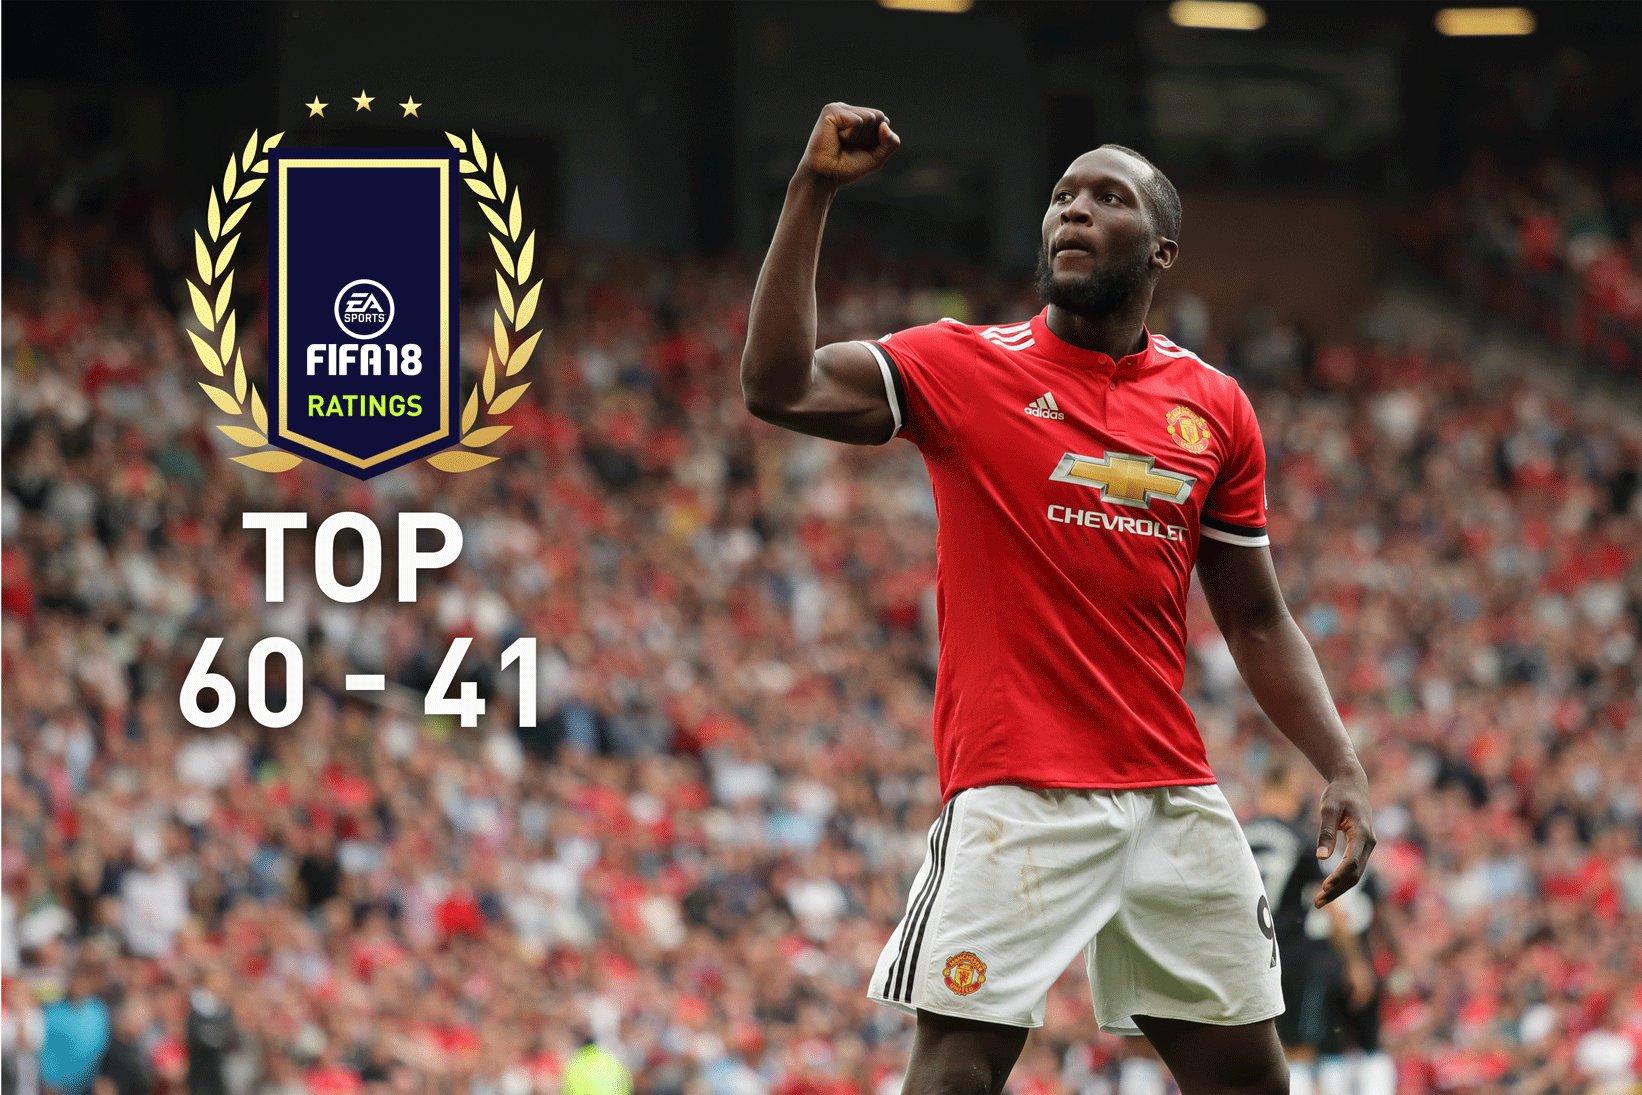 FIFA 18 Spielerwerte – Die Ratings Top 60-41